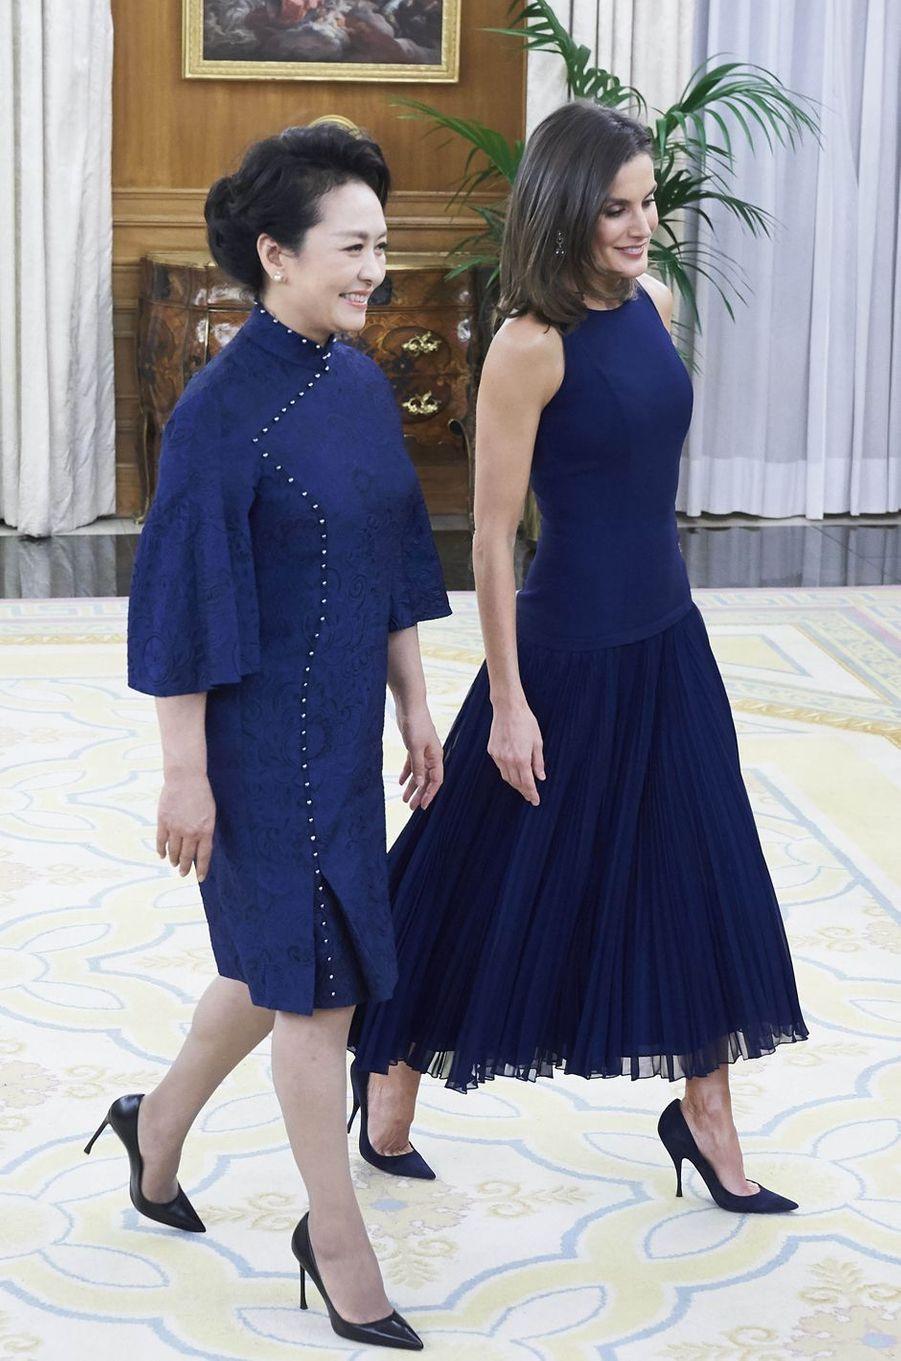 La reine Letizia d'Espagne et Peng Liyuan à Madrid, le 27 novembre 2018